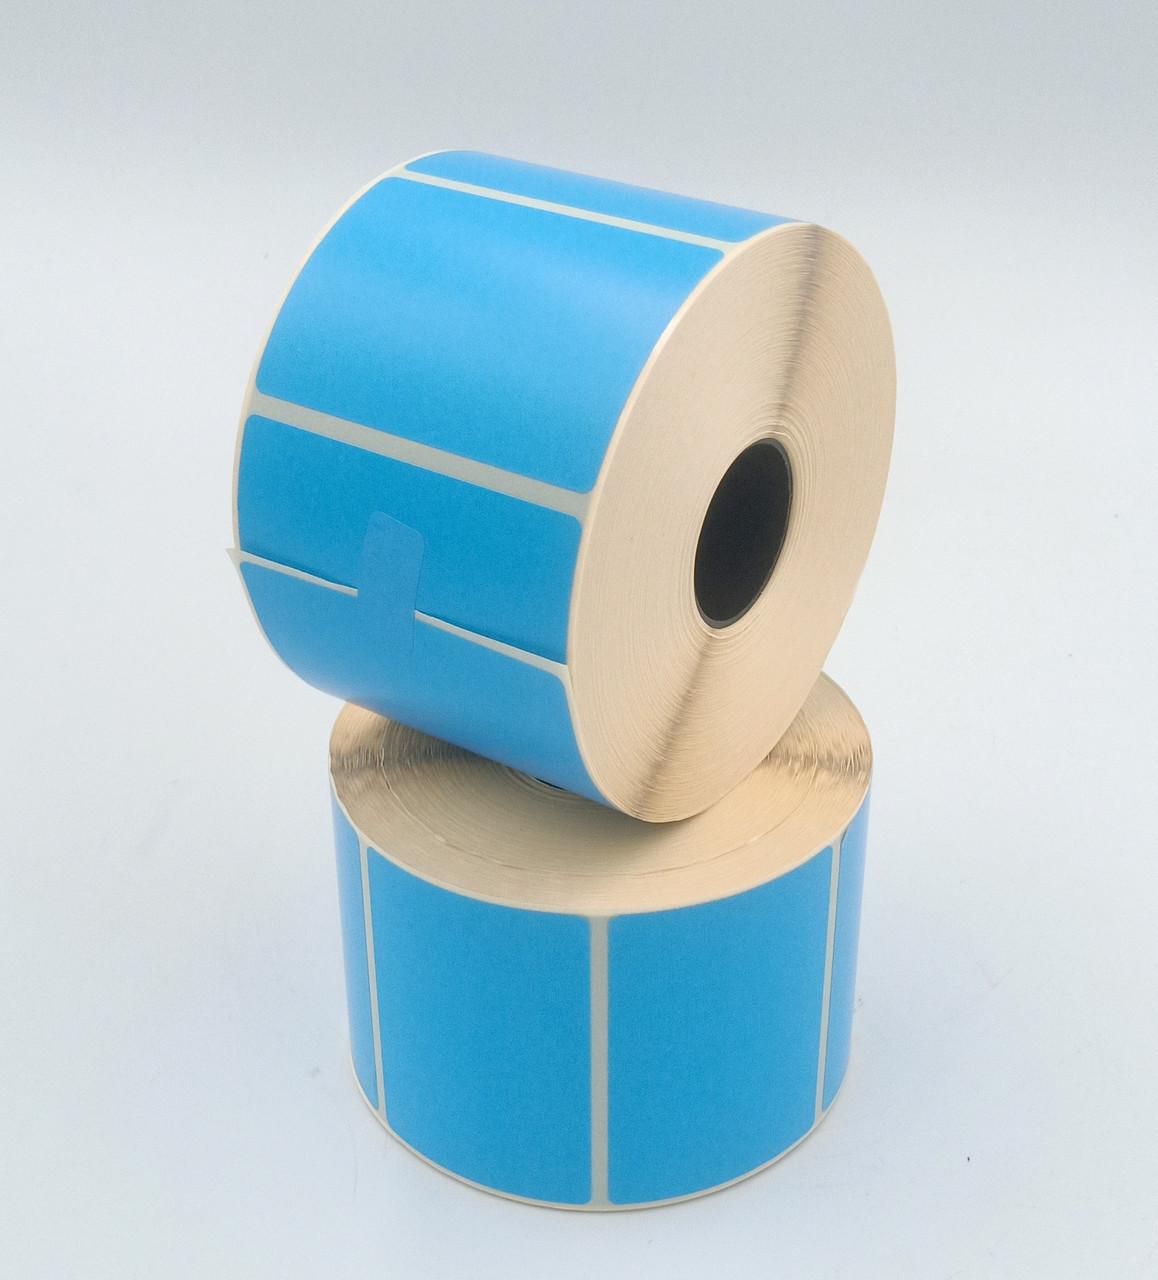 Термоэтикетка Т.Еко пантон 58*40 мм 1000 этикеток прямоугольная 5 шт синяя (5840T1000V25B)